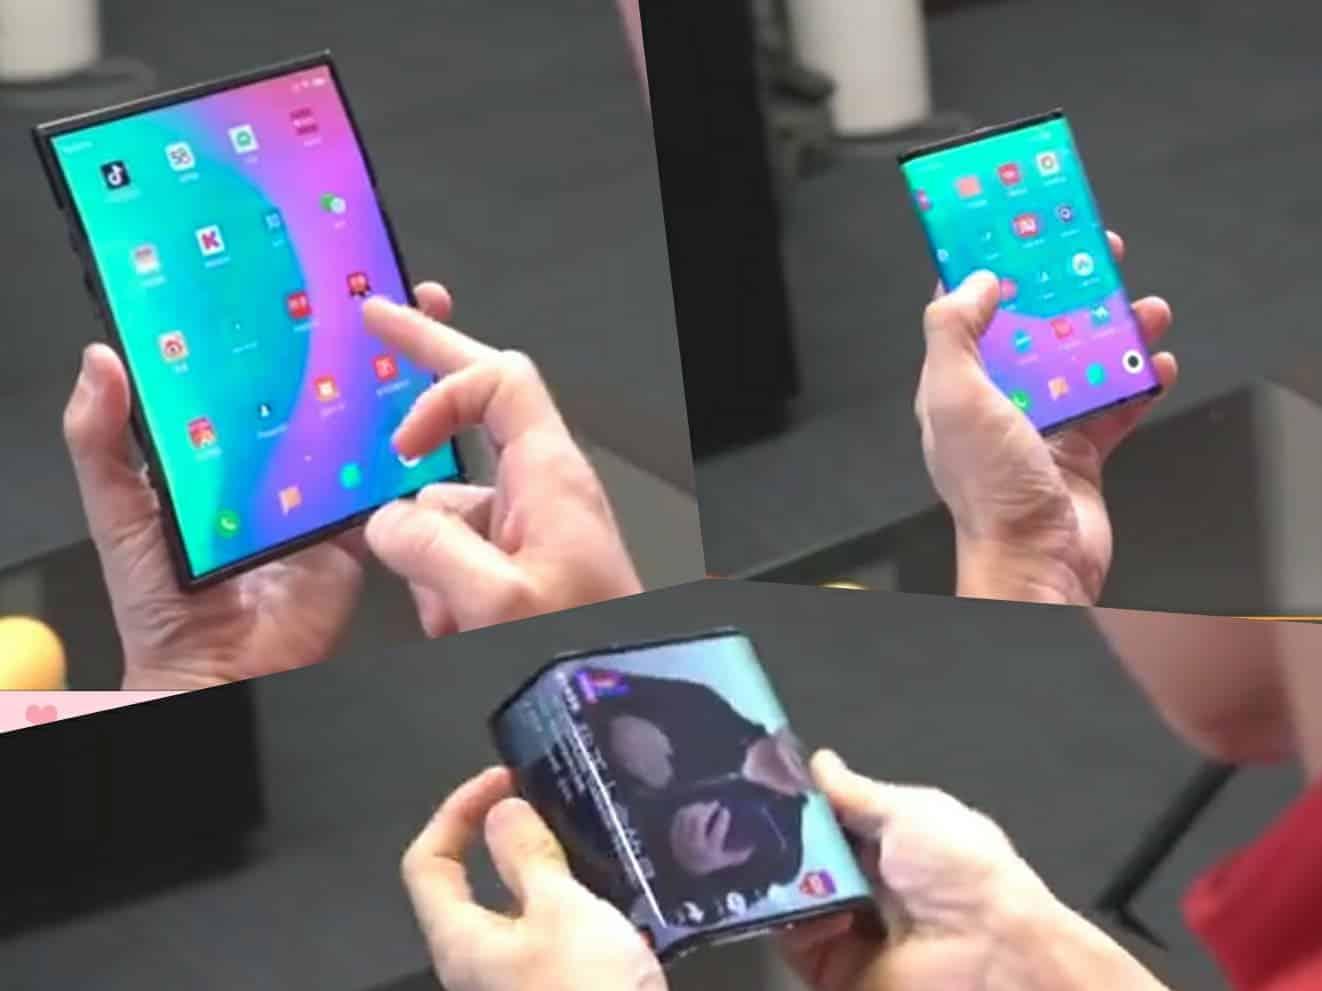 اولین گوشی تاشو شیائومی چه زمانی به بازار خواهد آمد؟